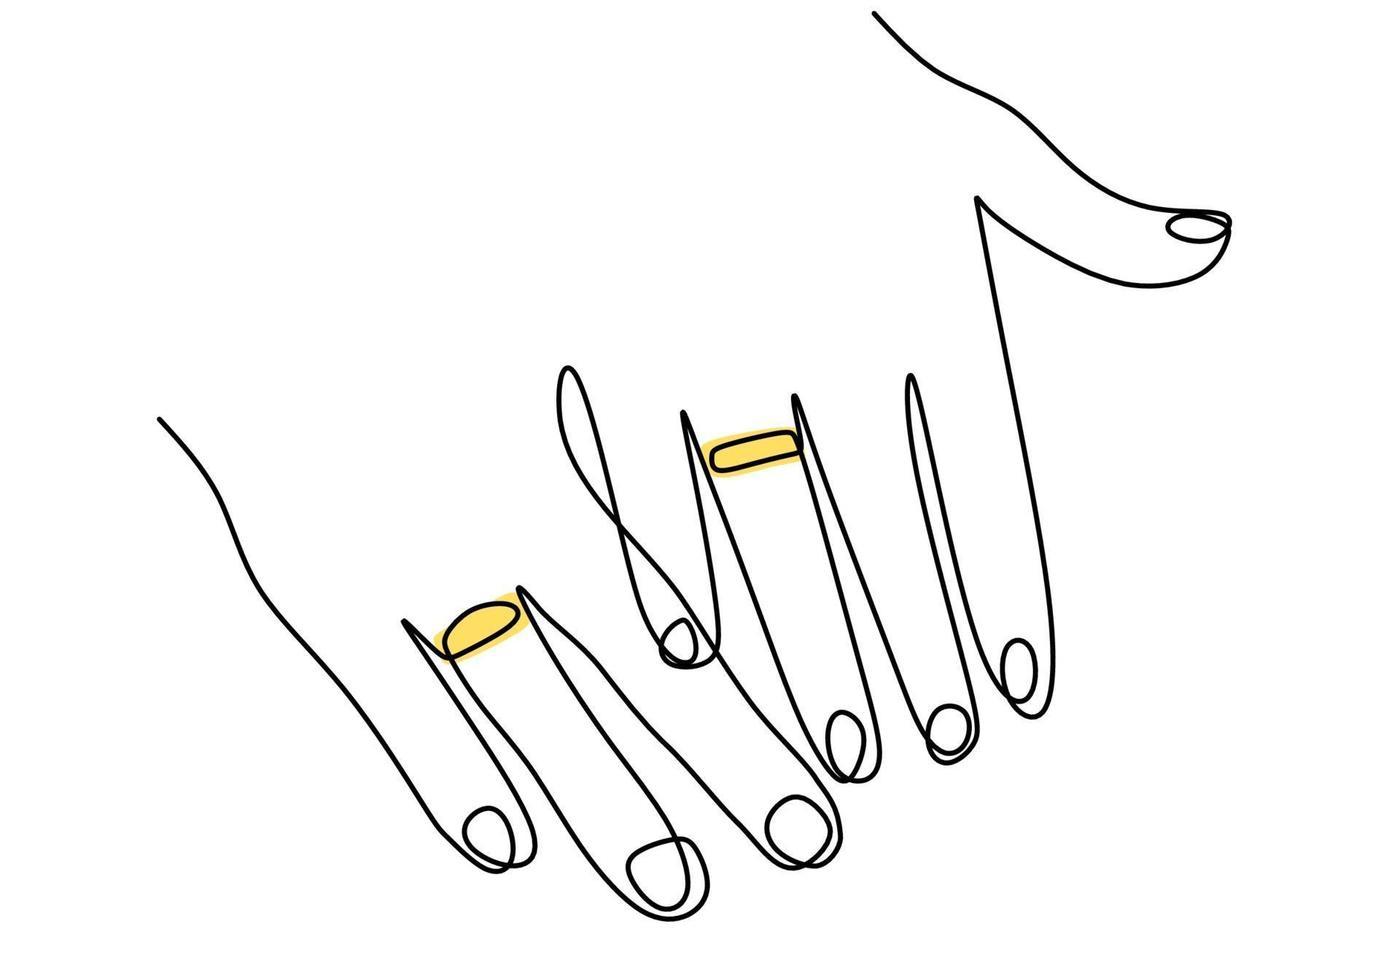 um desenho de linha contínua de mãos masculinas e femininas mostrando anéis de noivado. casal jovem feliz ama o símbolo de casamento. troca de anéis desenhada à mão silhueta de imagens. ilustração vetorial vetor